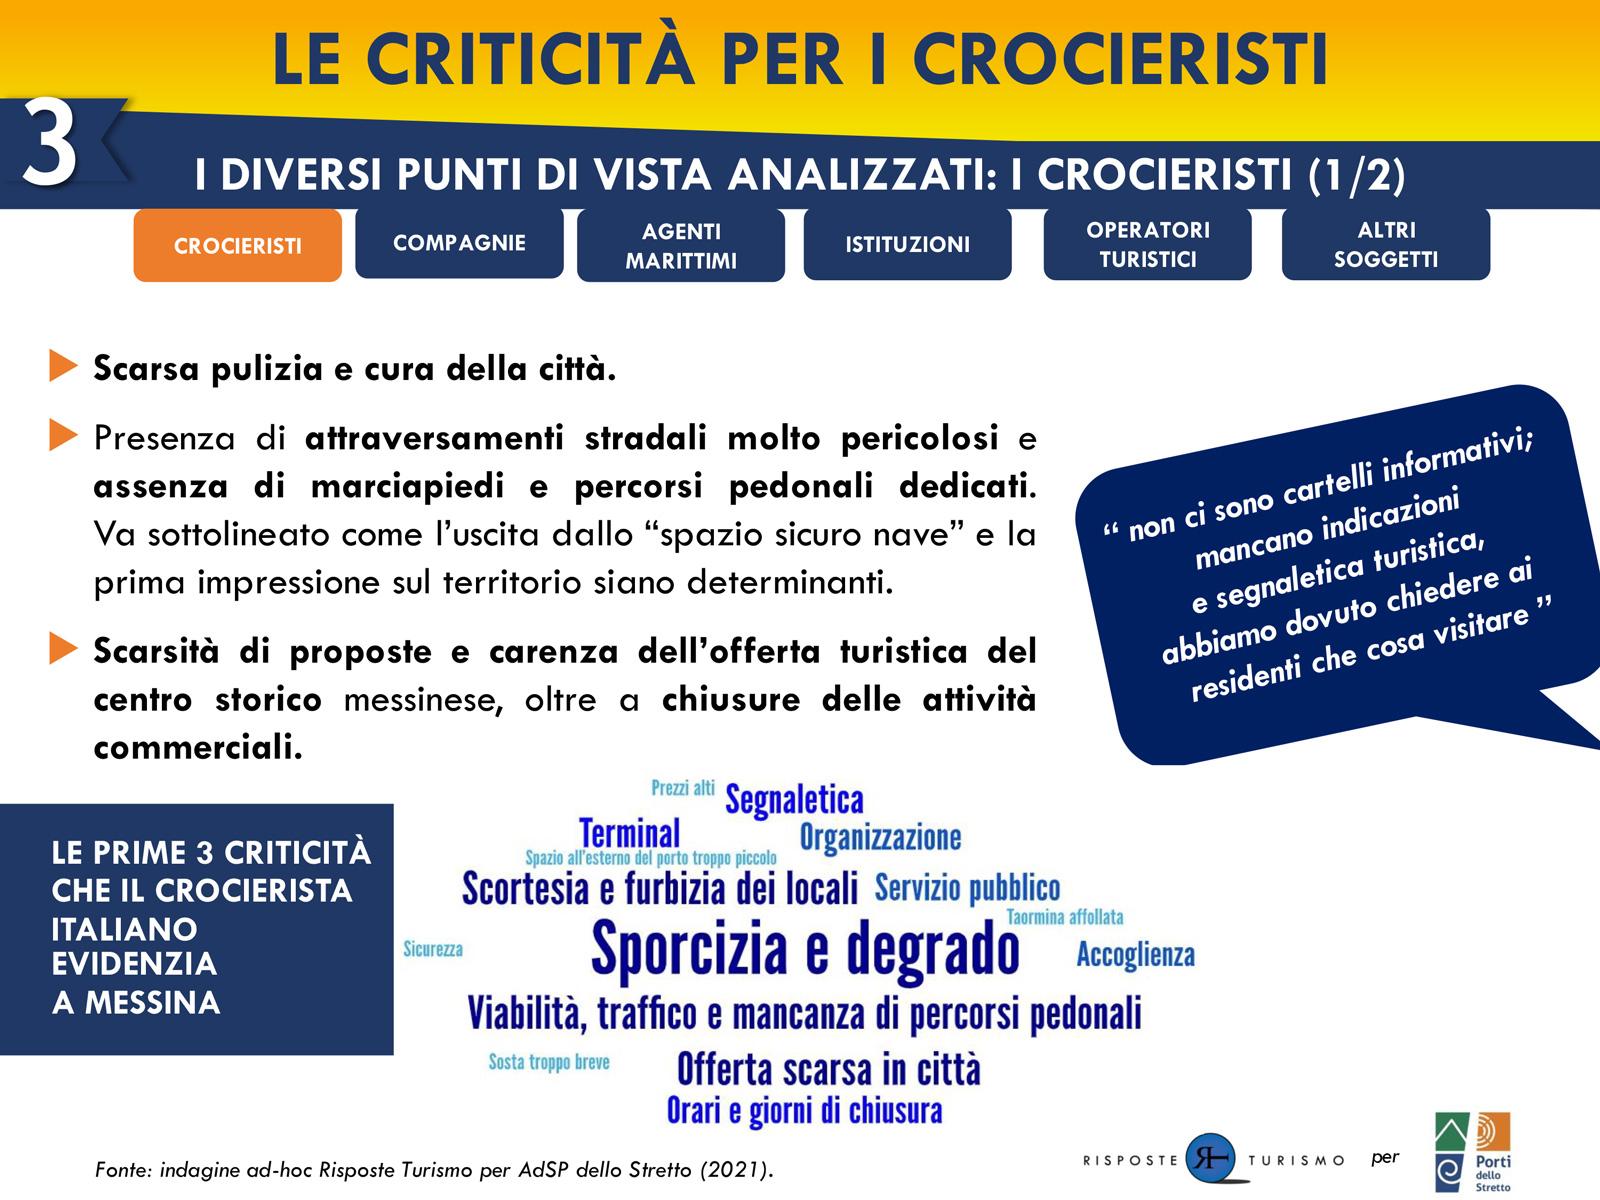 report sull'opinione dei crocieristi su Messina condiviso dall'Autorità di Sistema Portuale dello Stretto